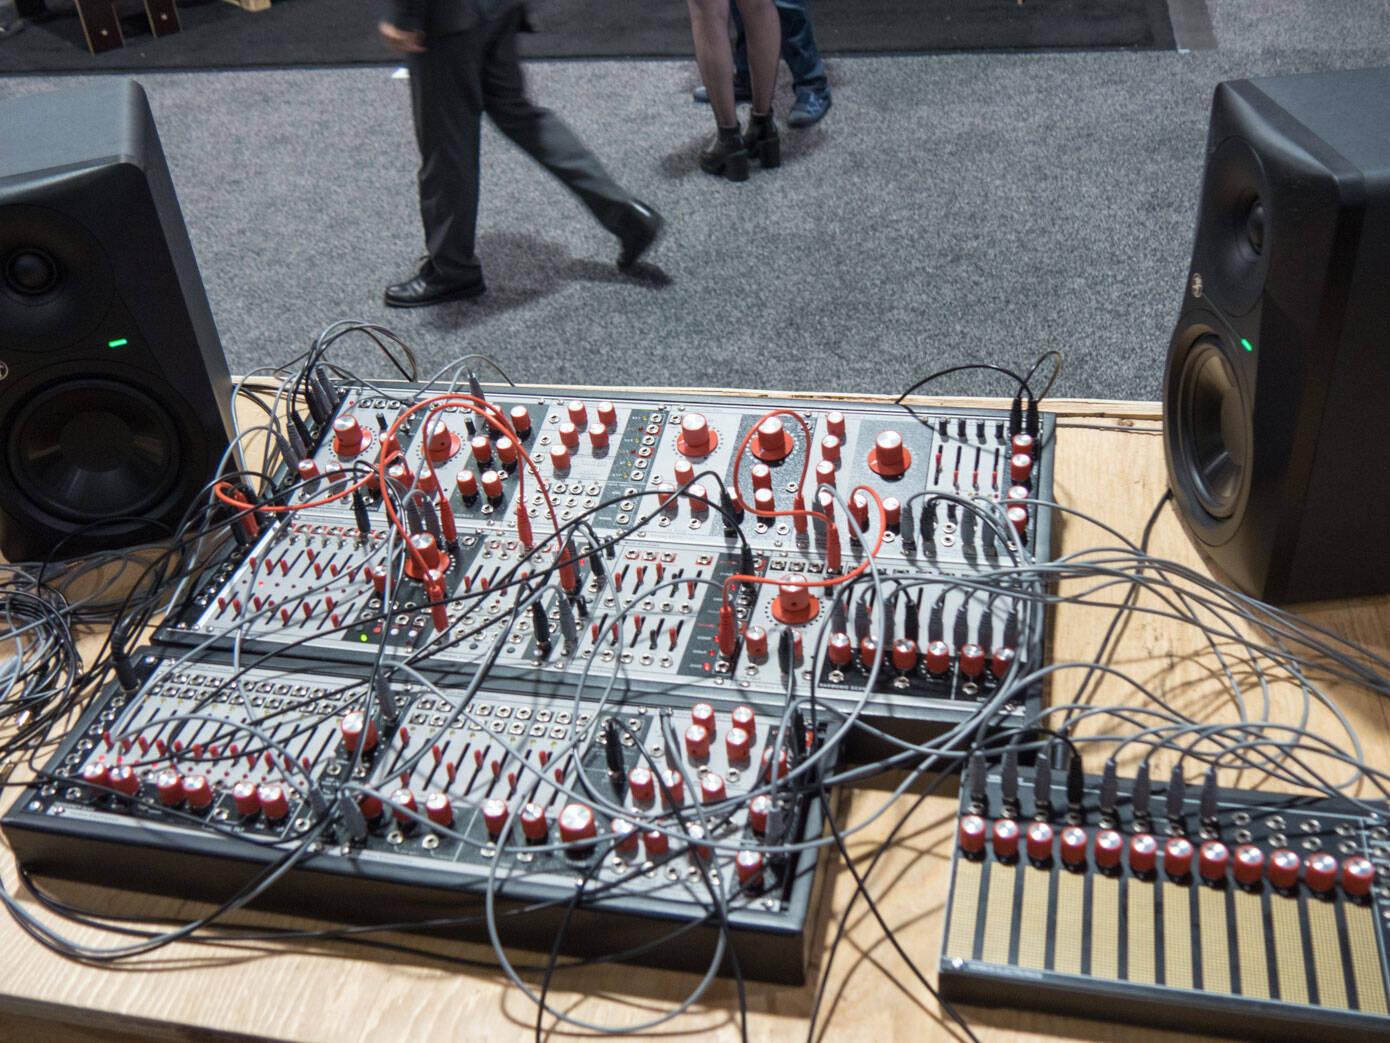 Control Voltage ProcessorとMINI HORSE